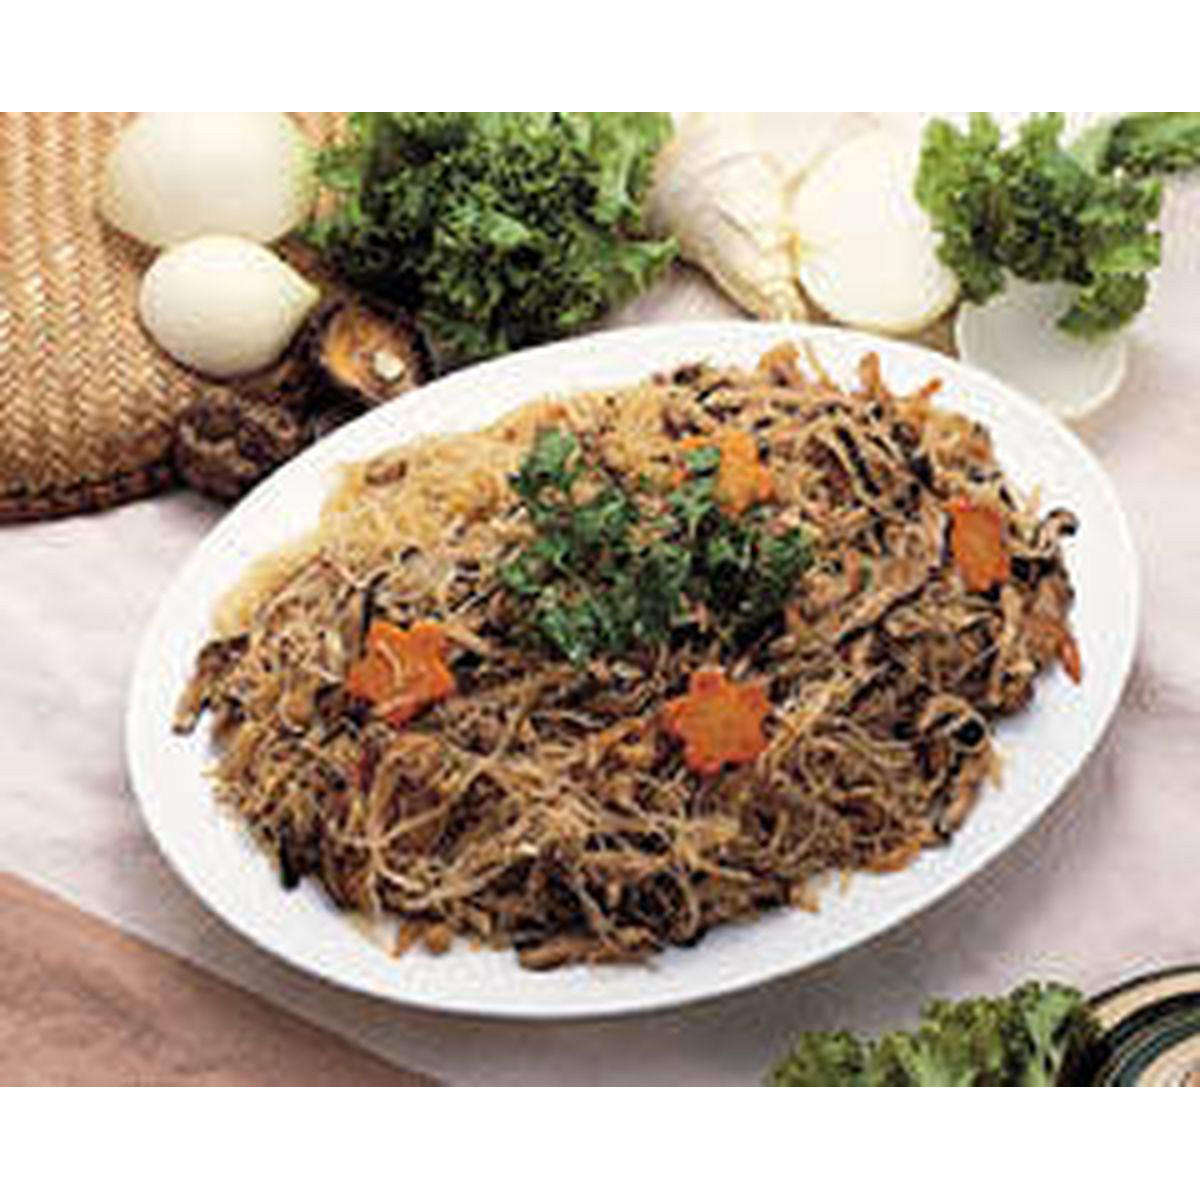 食譜:洋蔥炒米粉